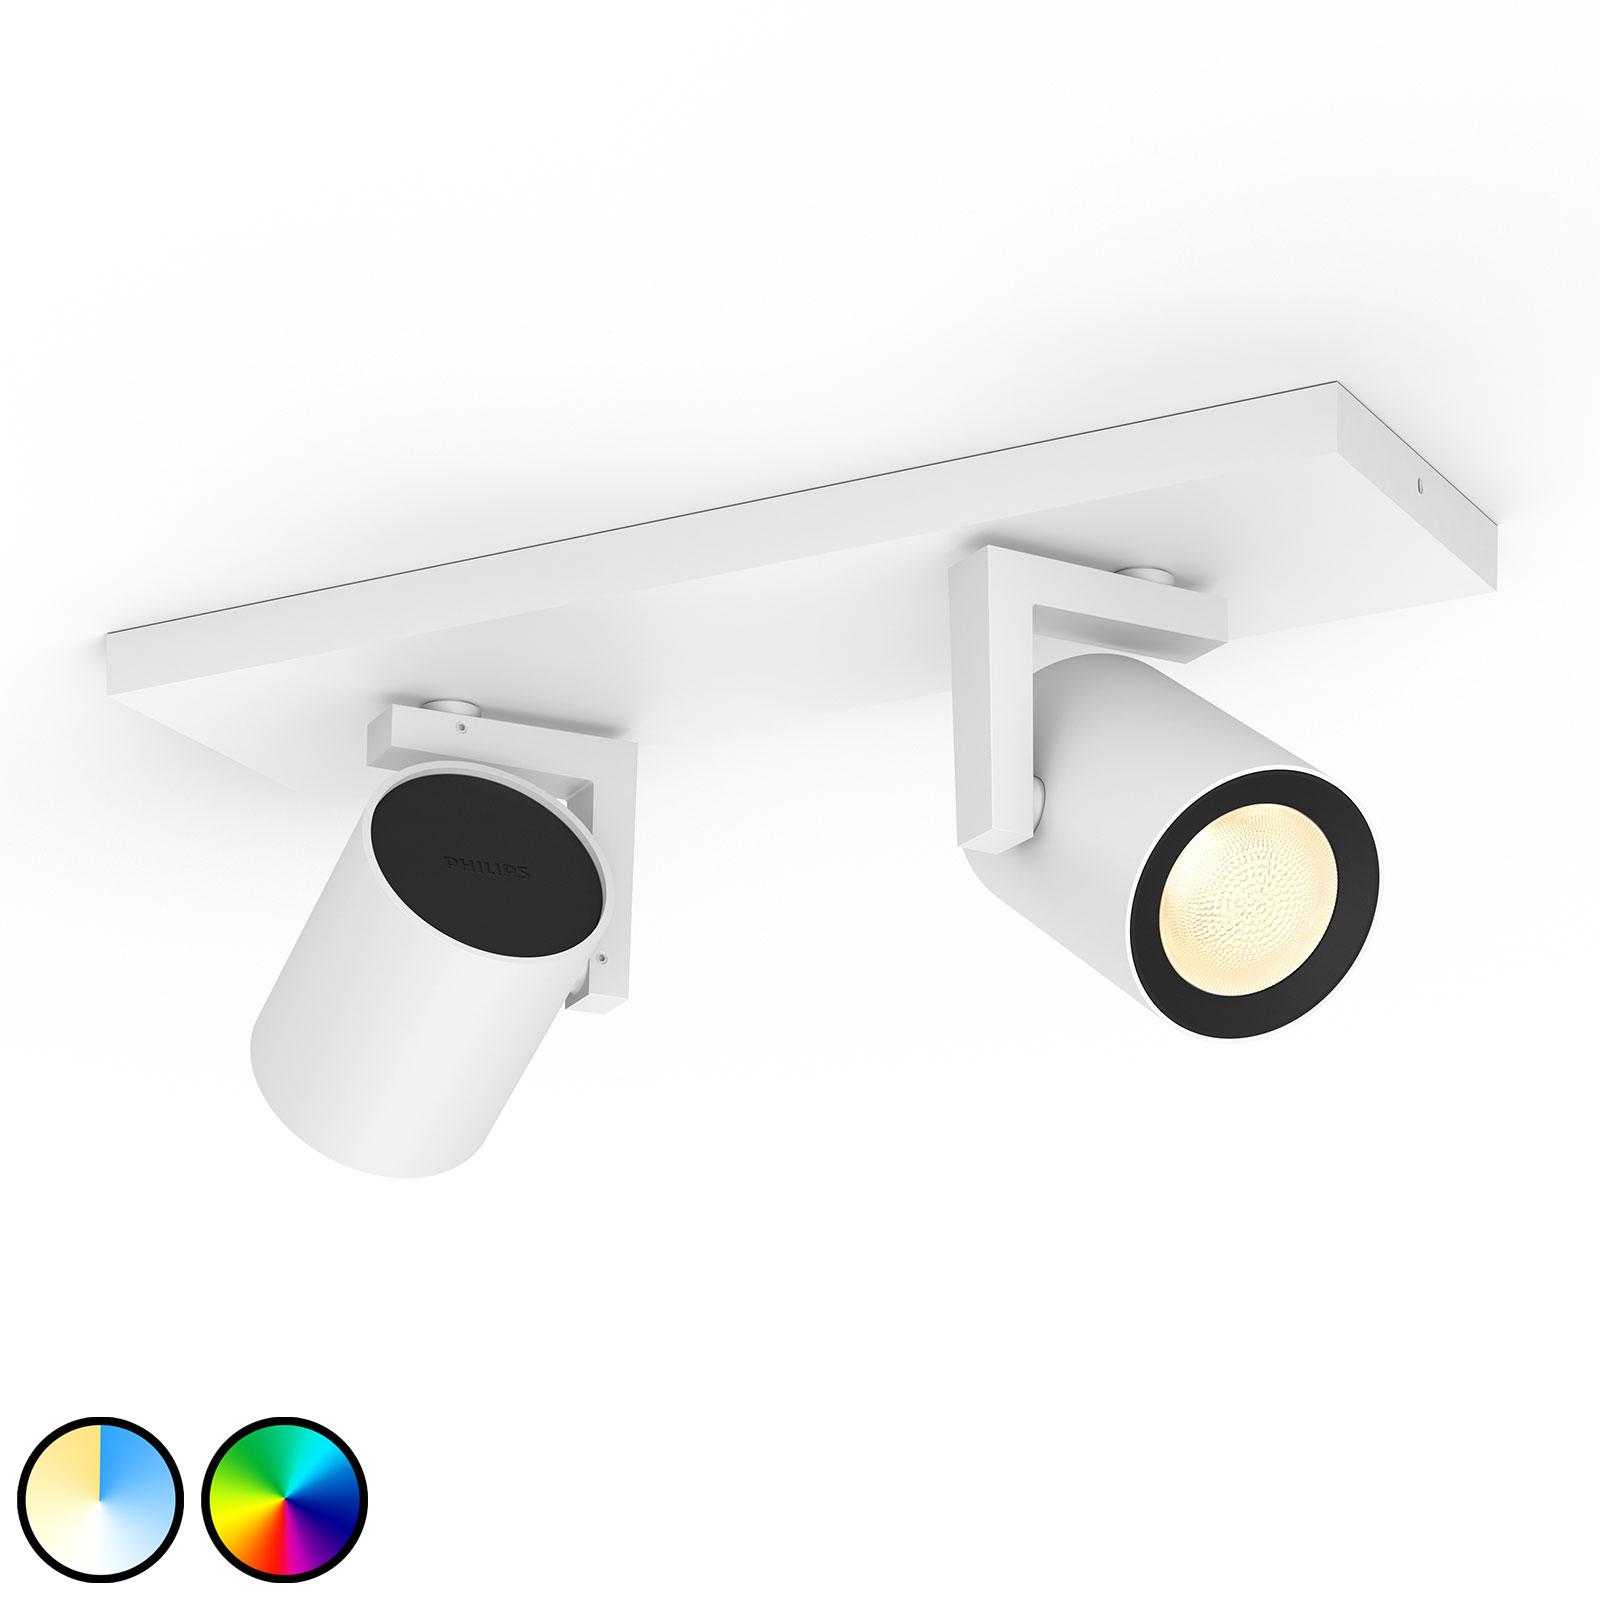 Philips Hue Argenta LED-spot, 2 lyskilder, hvid